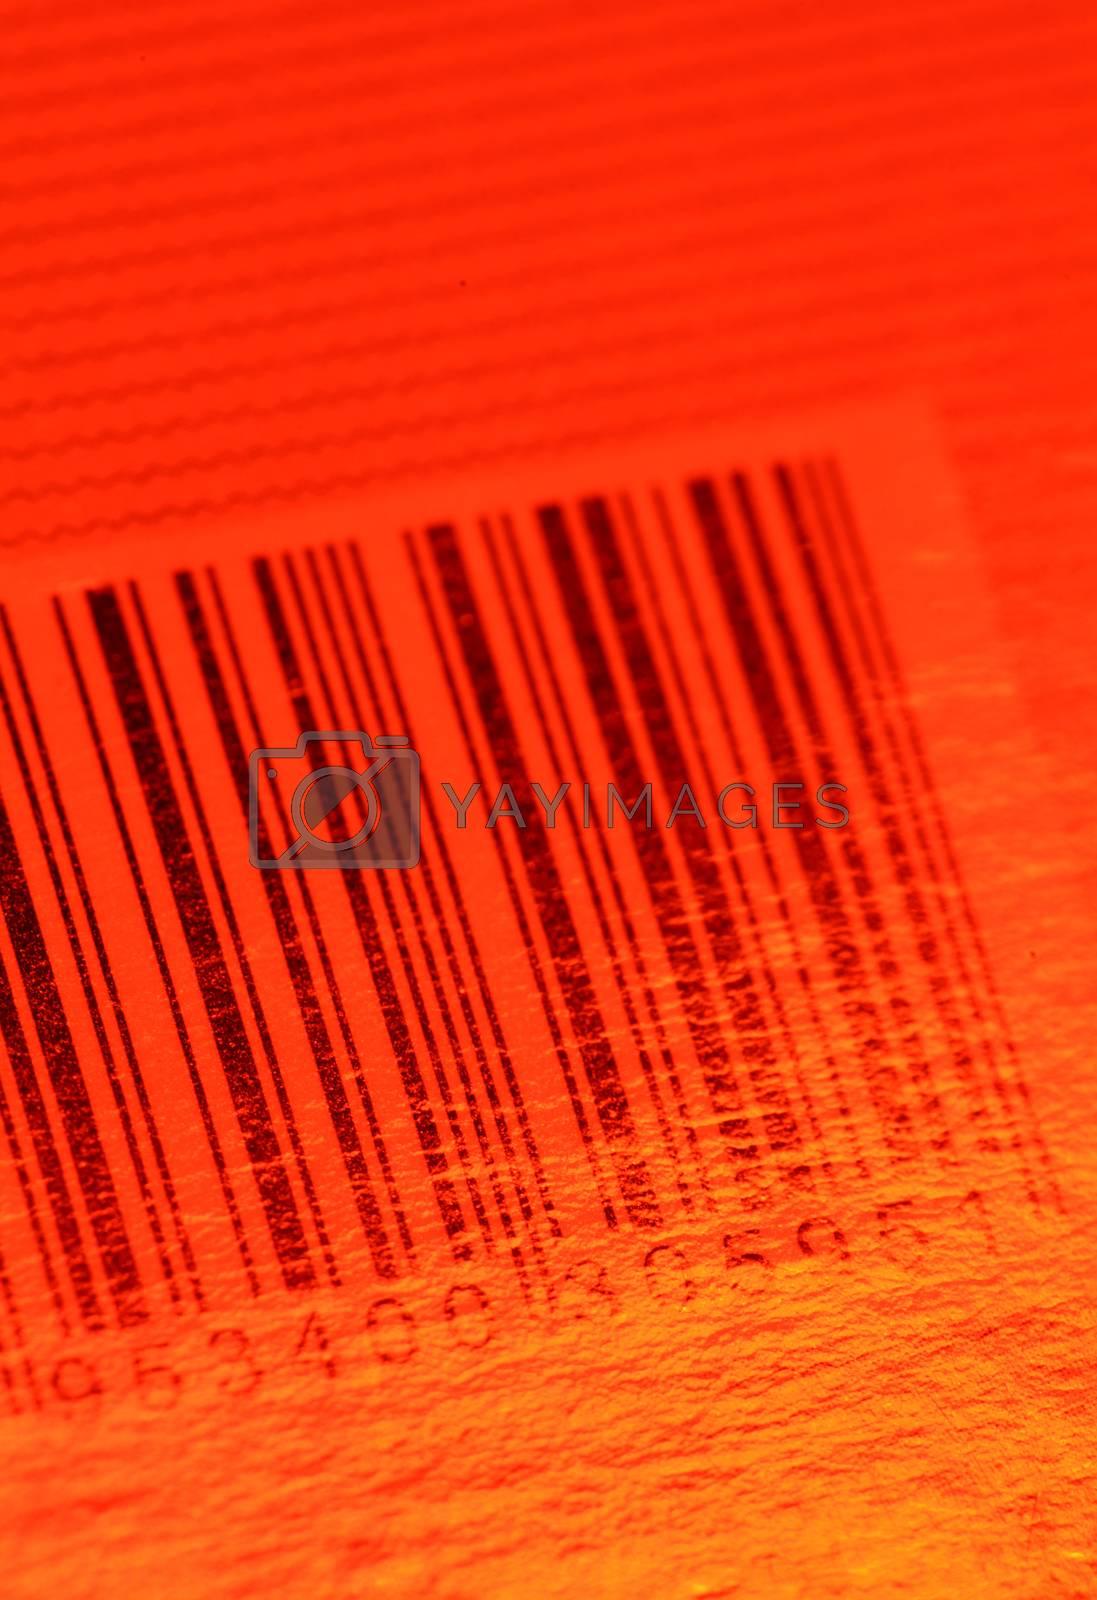 Royalty free image of Bar code by janaka